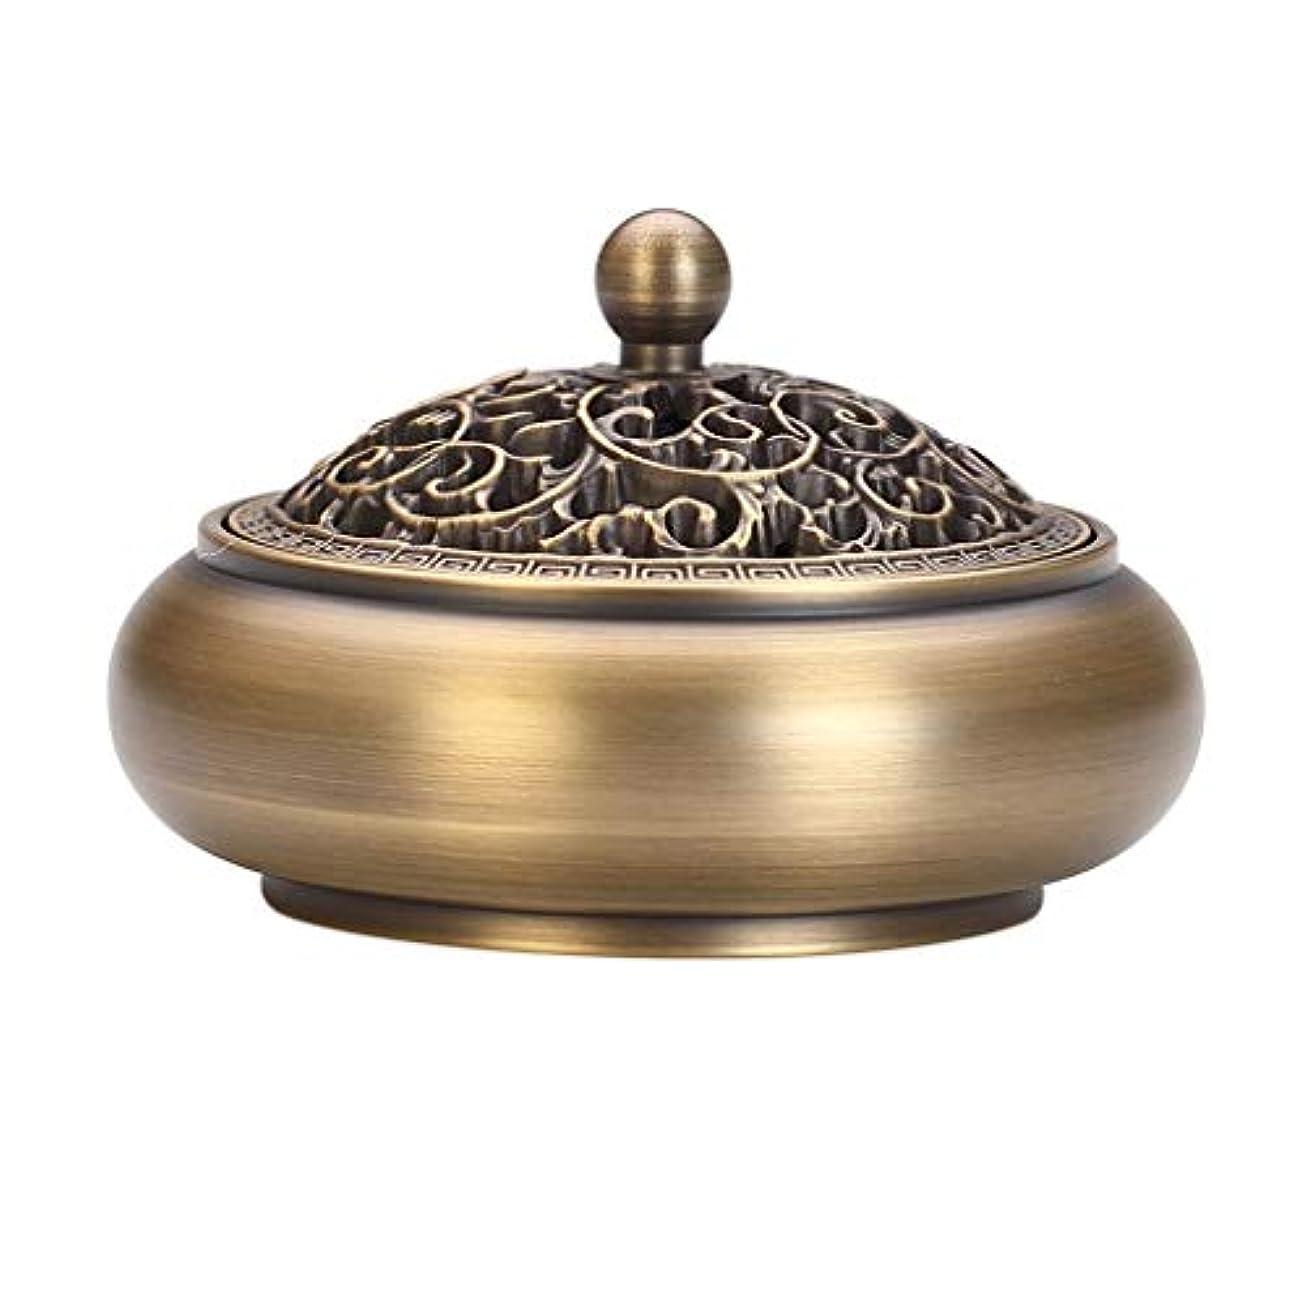 サイドボード荷物退屈な芳香器?アロマバーナー 純粋な銅香炉アンティーク家庭用浄化空気ディスク香バーナー寒天木材白檀炉 アロマバーナー (Color : Brass)